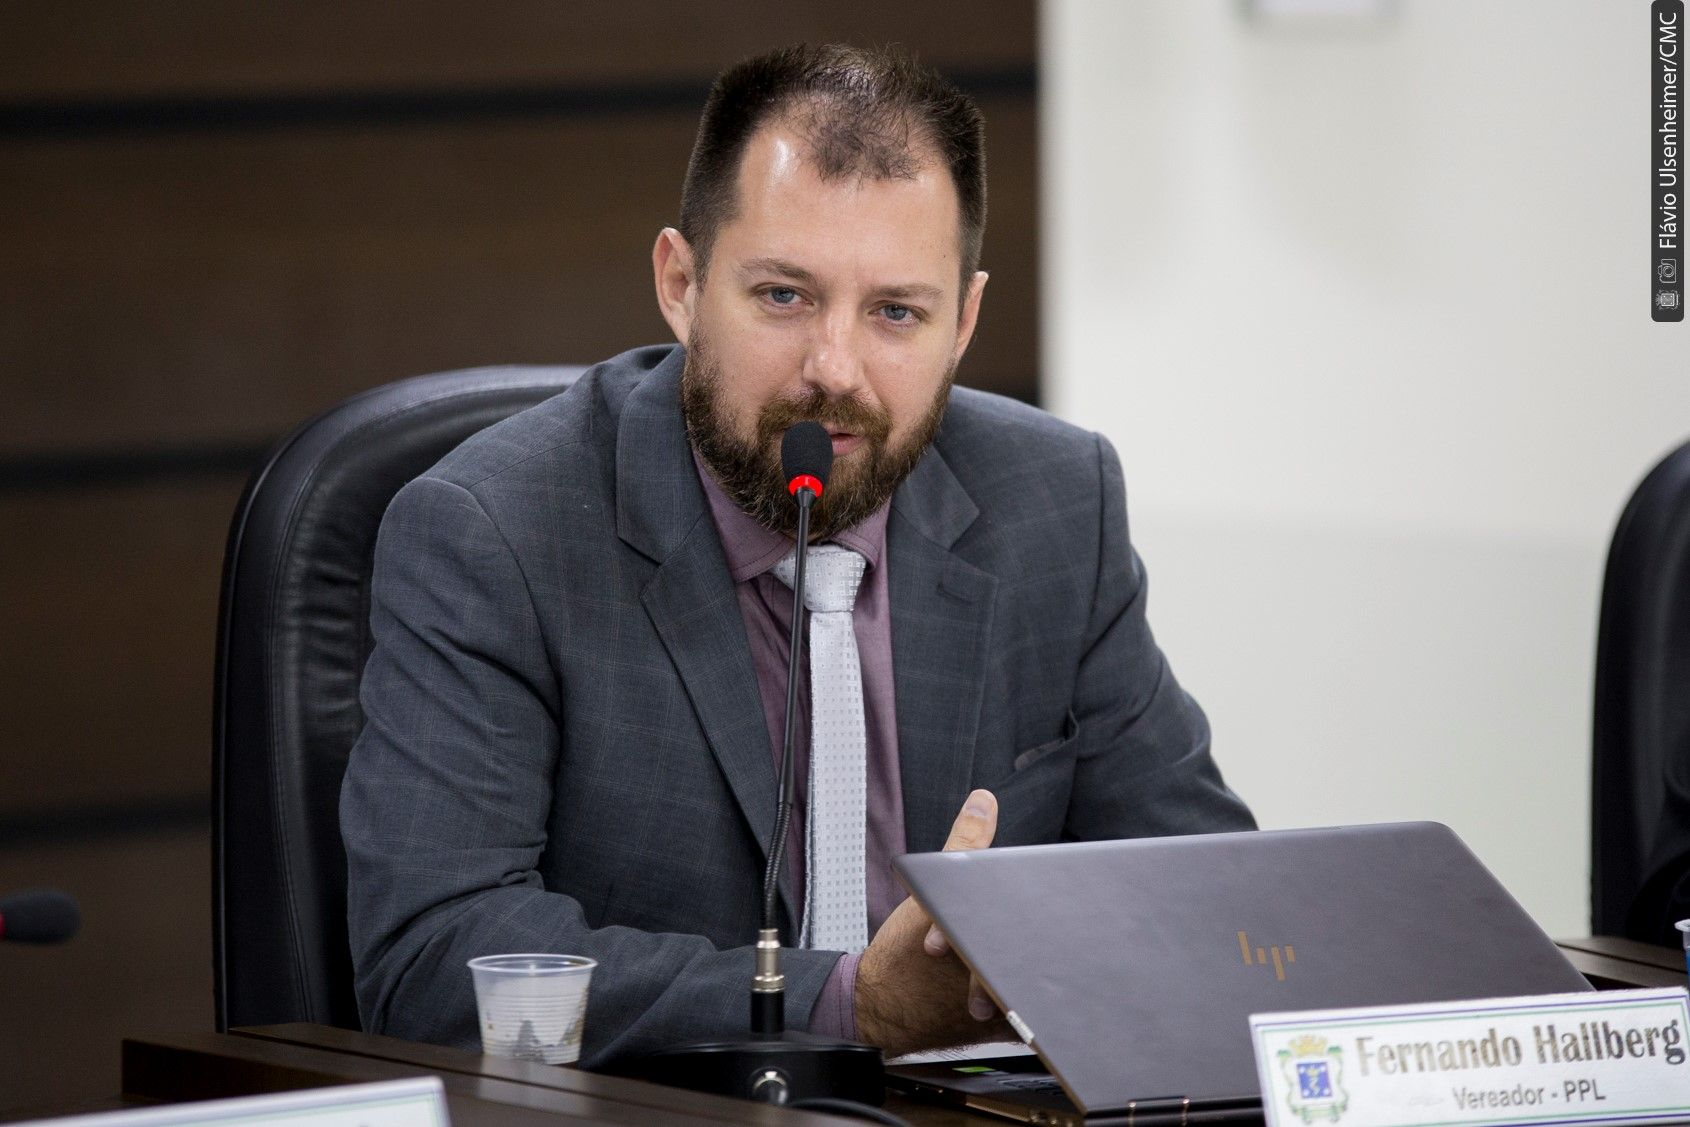 Hallberg denuncia Paranhos por improbidade administrativa e pede cassação